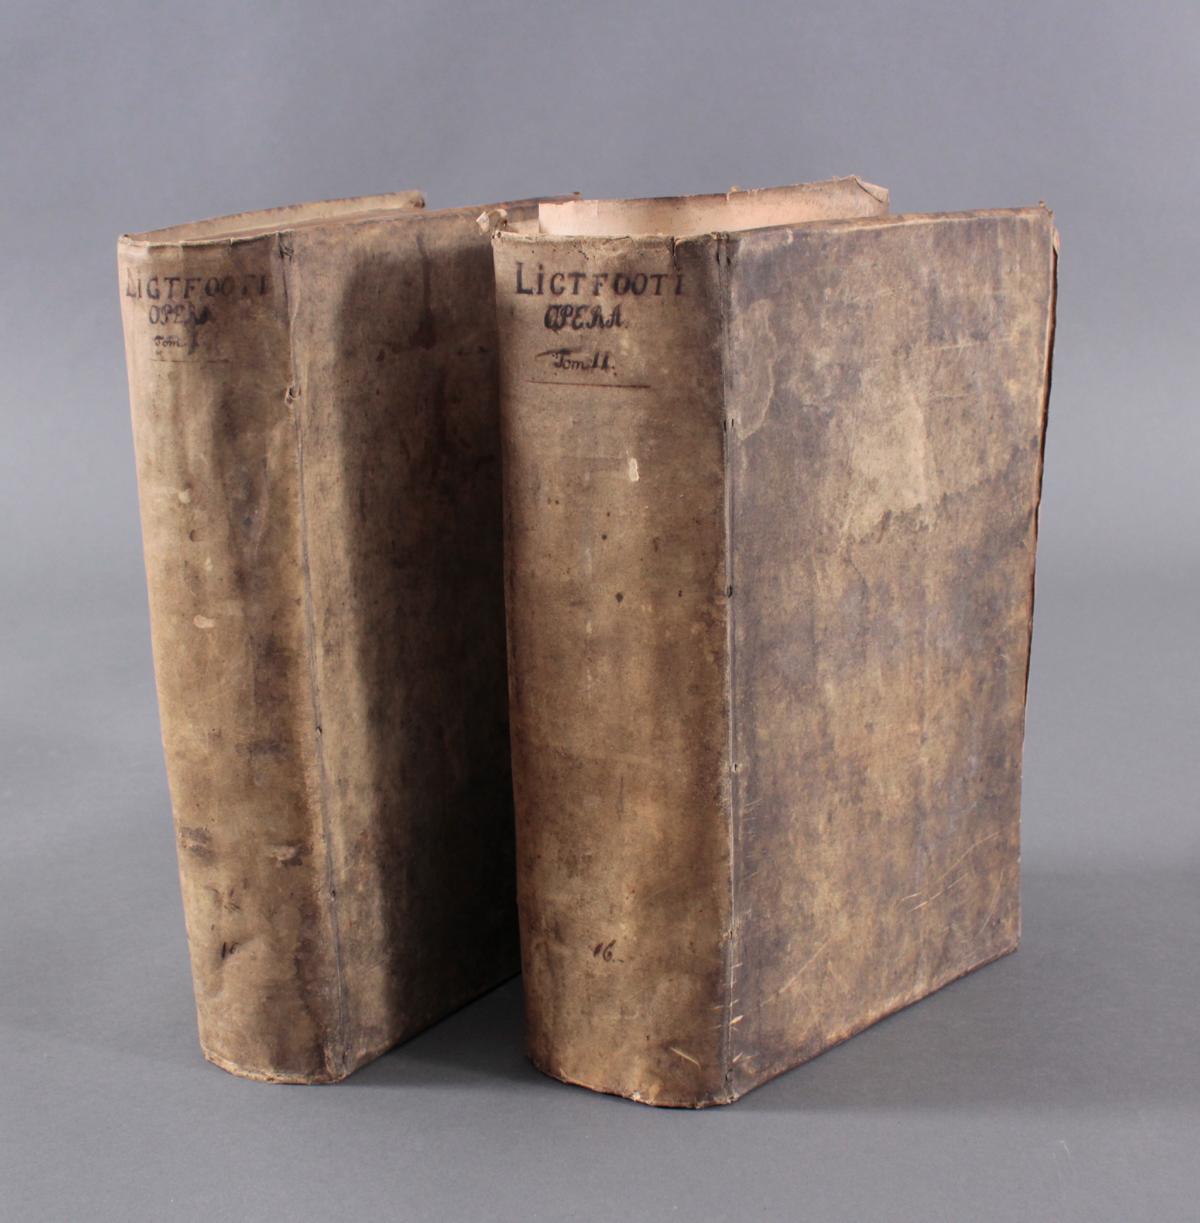 2 Bände Opera Ominia – Joh. Lightfooti, 1618